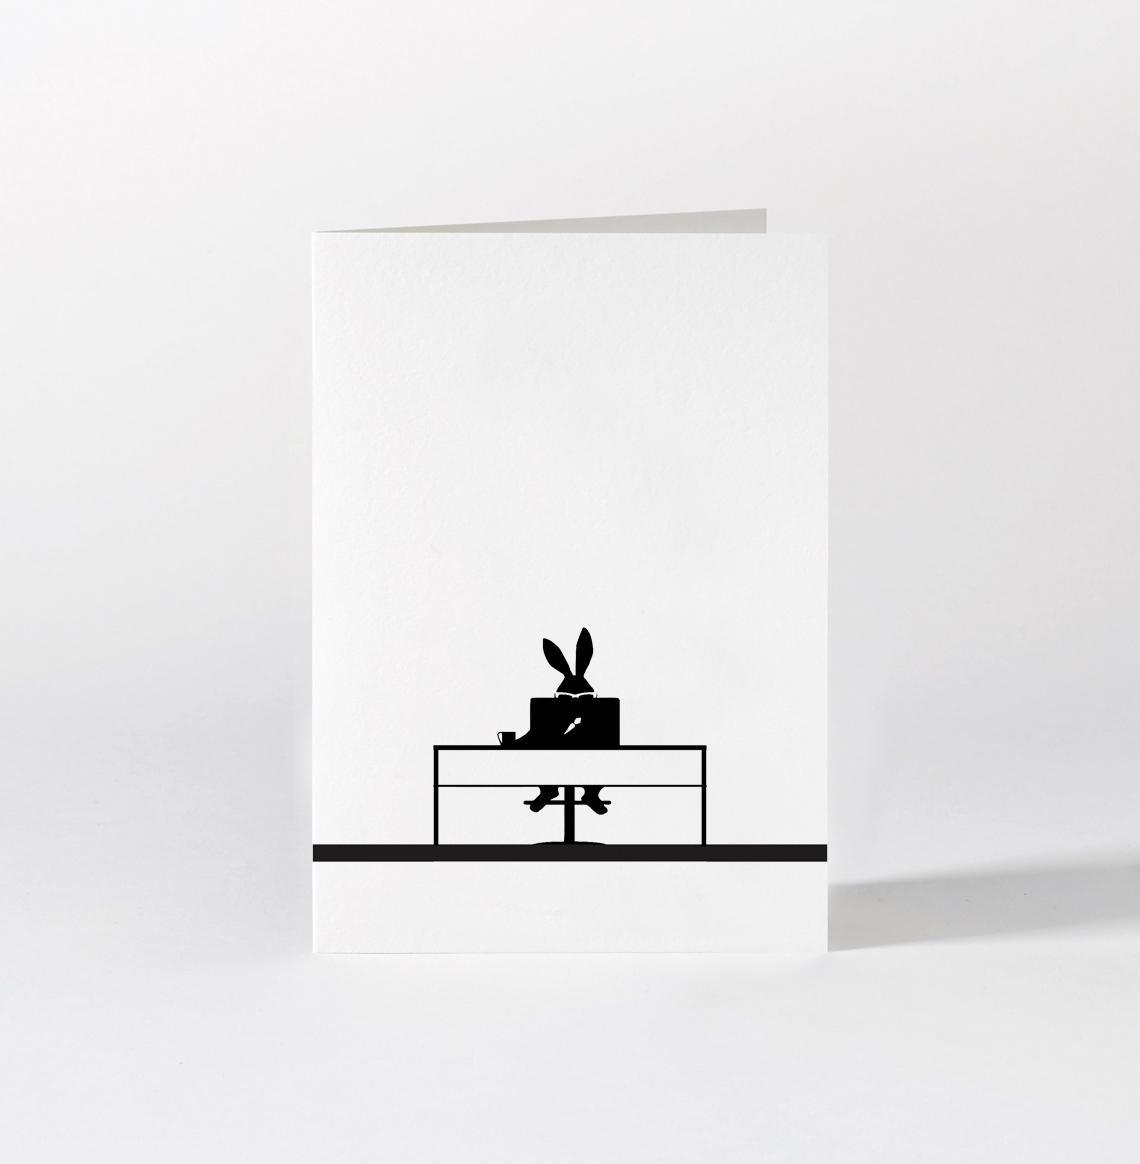 HAM Papírové přání s králíkem Working Rabbit, černá barva, papír